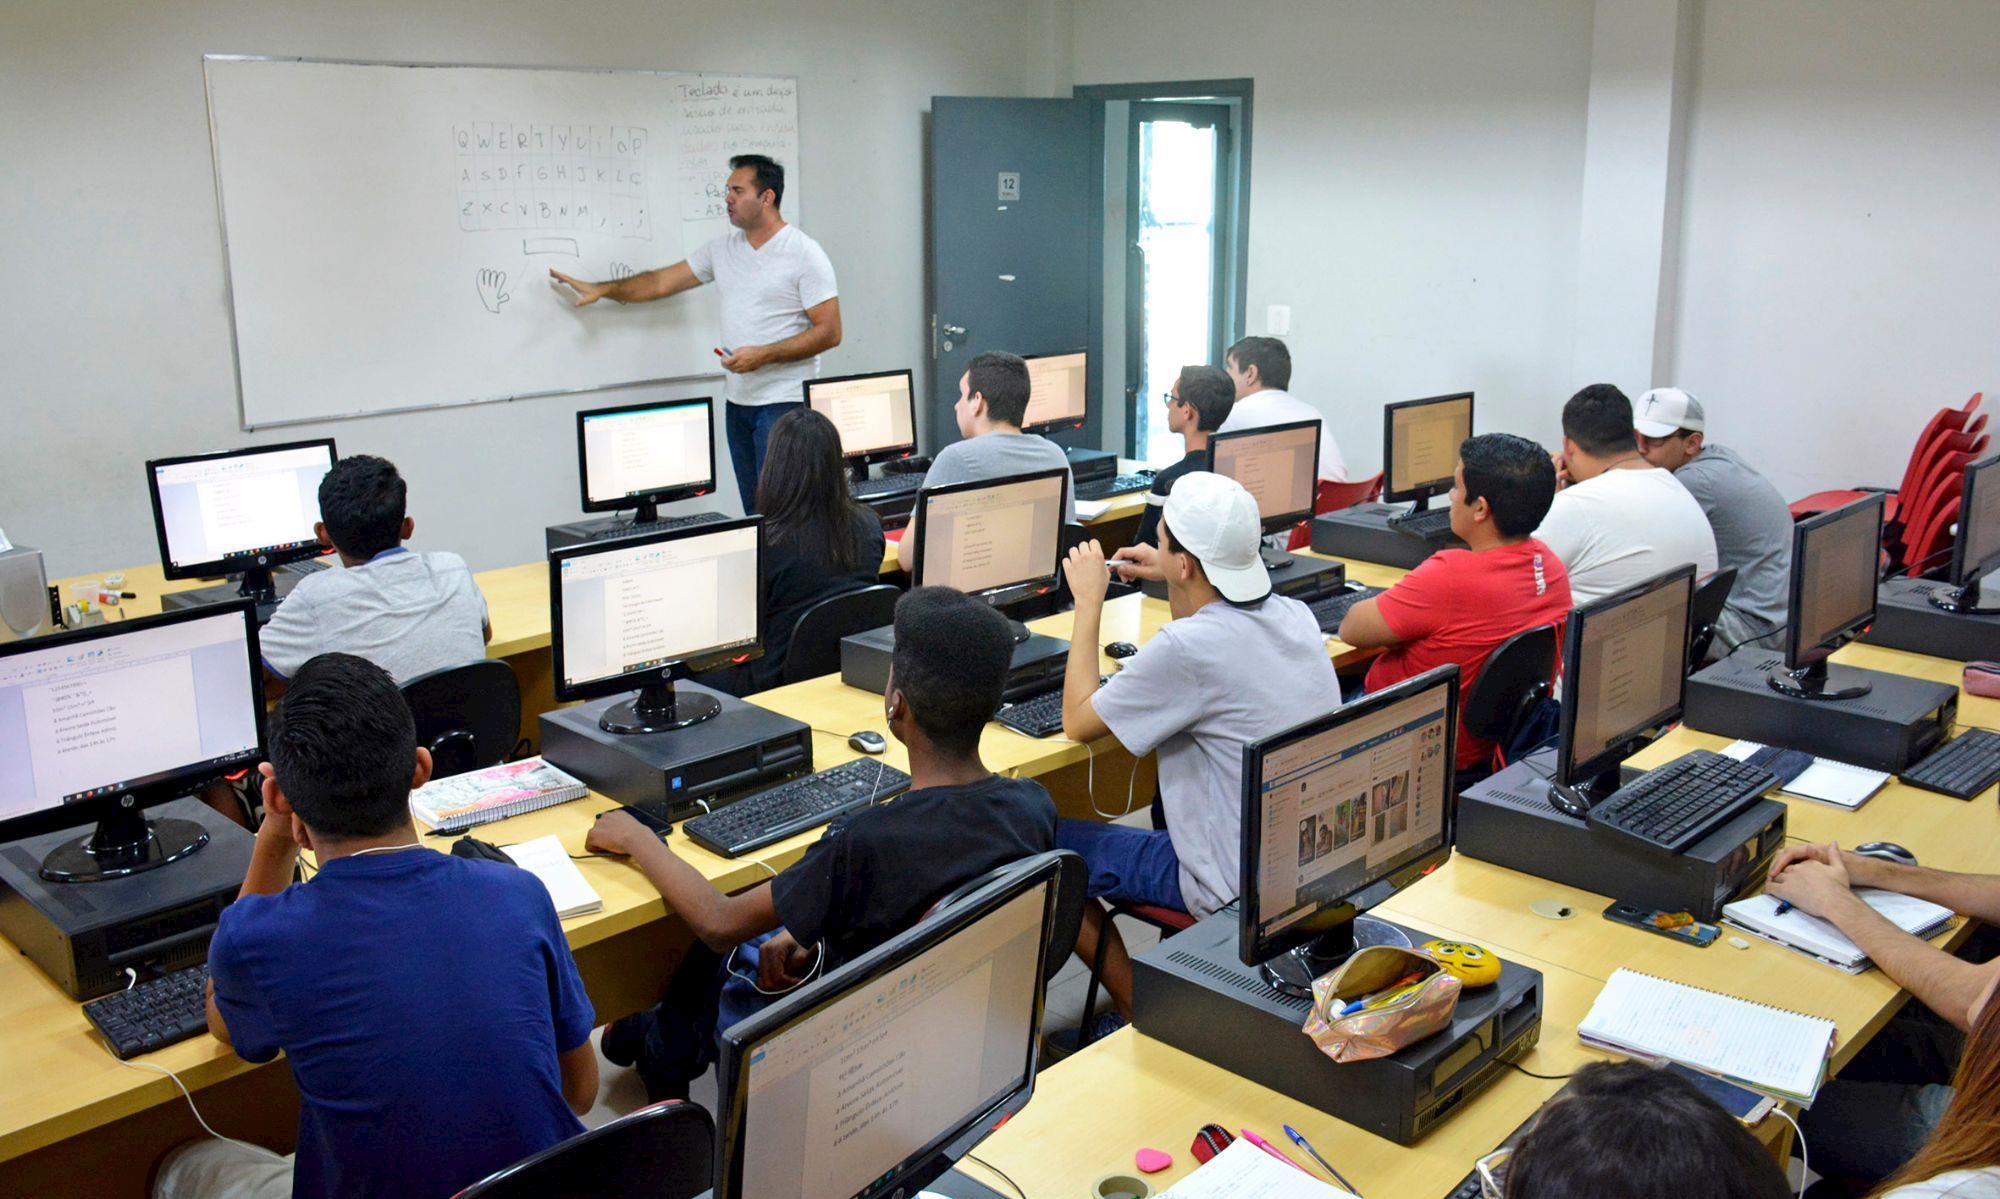 smetal, rise, curso, qualificação, gratuito, aula,, Foguinho/Imprensa SMetal